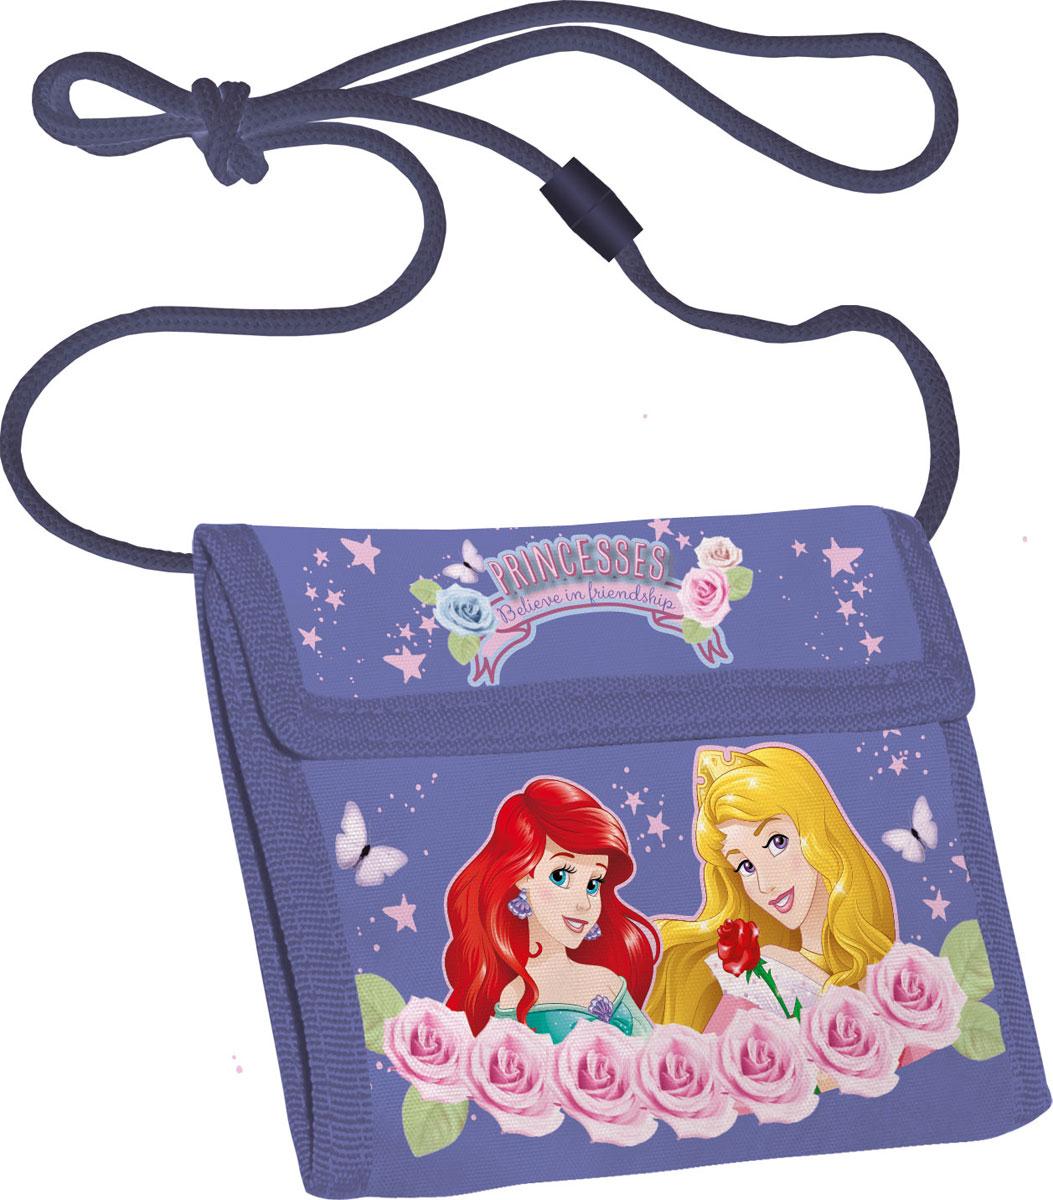 Кошелек детский Disney Princess, цвет: сиреневыйPRCB-MT1-022Яркий детский кошелек Disney Princess выполнен из полиэстера и оформлен красочным рисунком. Внутри кошелек оснащен отделением для денежных купюр и карманом на застежке-молнии. Кошелек складывается втрое и закрывается широким клапаном на липучку. На внутренней стороне предусмотрен шнурок, с помощью которого изделие можно носить через плечо или на шее. Кошелек Disney Princess станет надежным спутником для вашего ребенка!